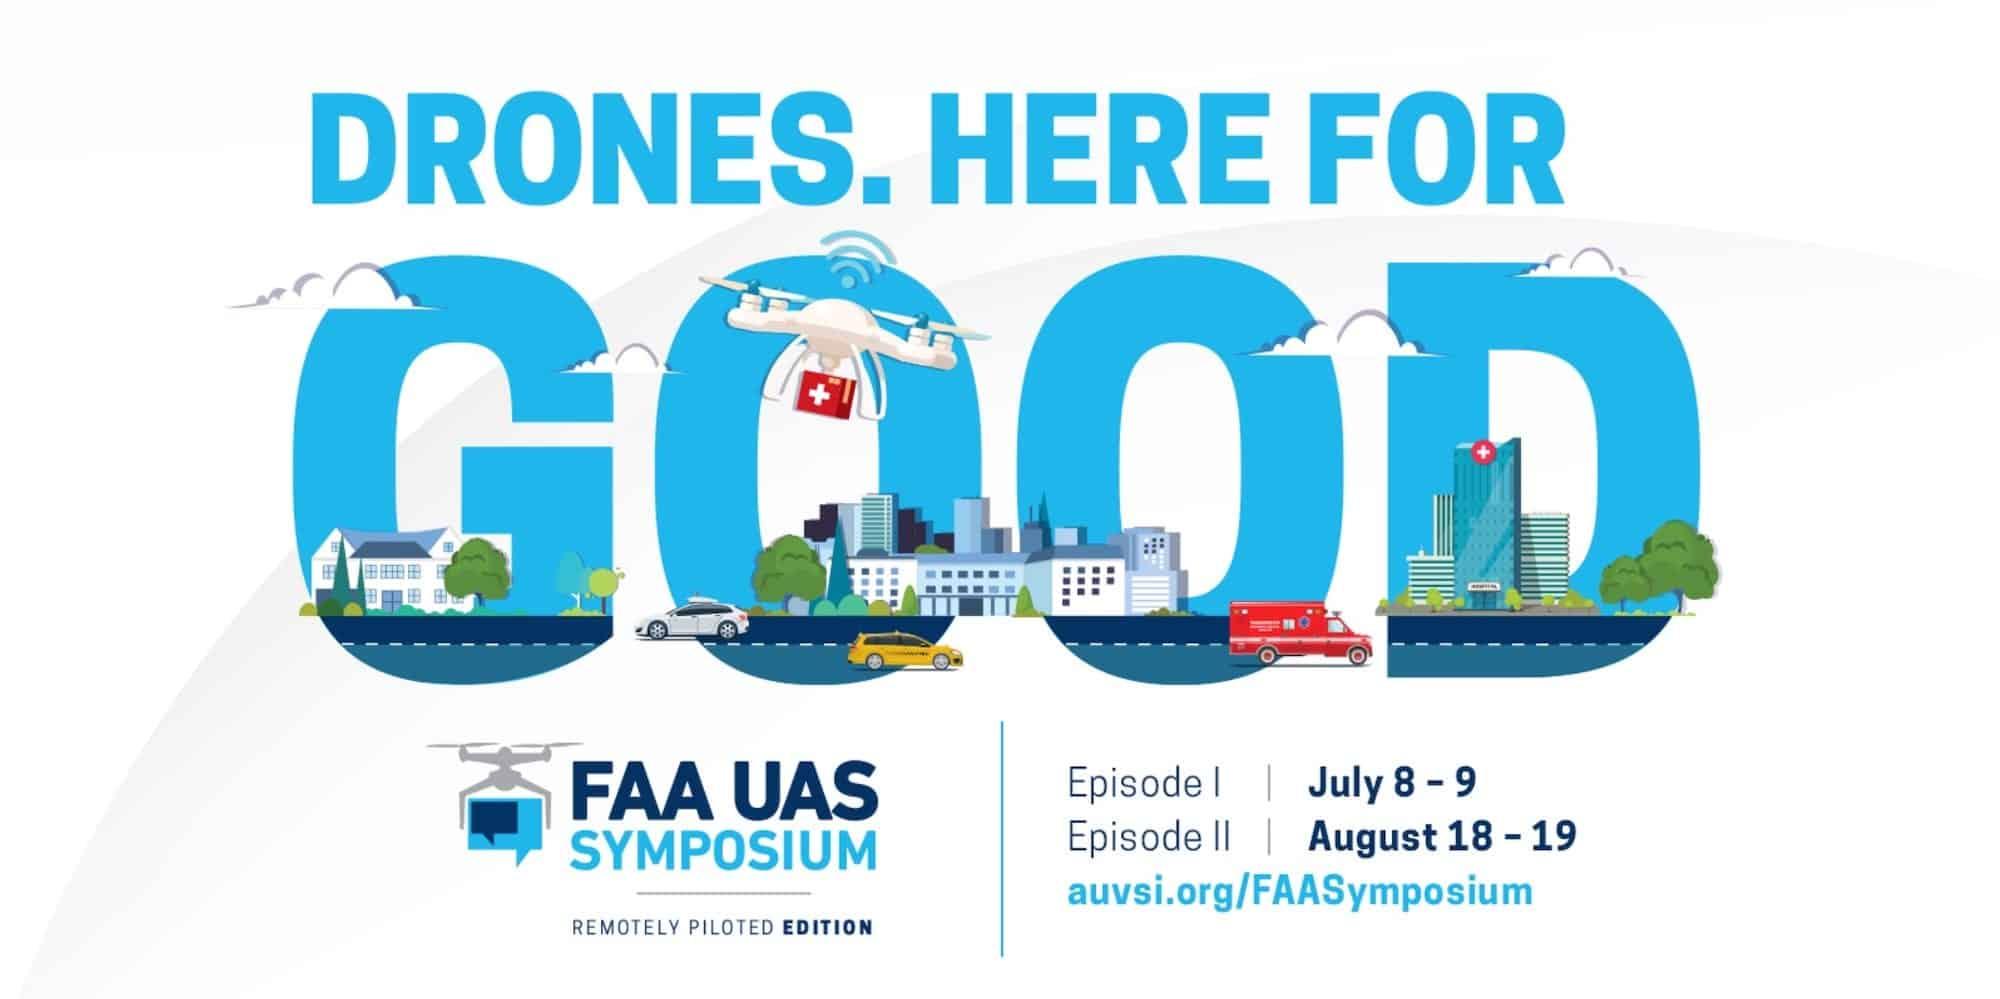 FAA UAS Symposium Program Agenda